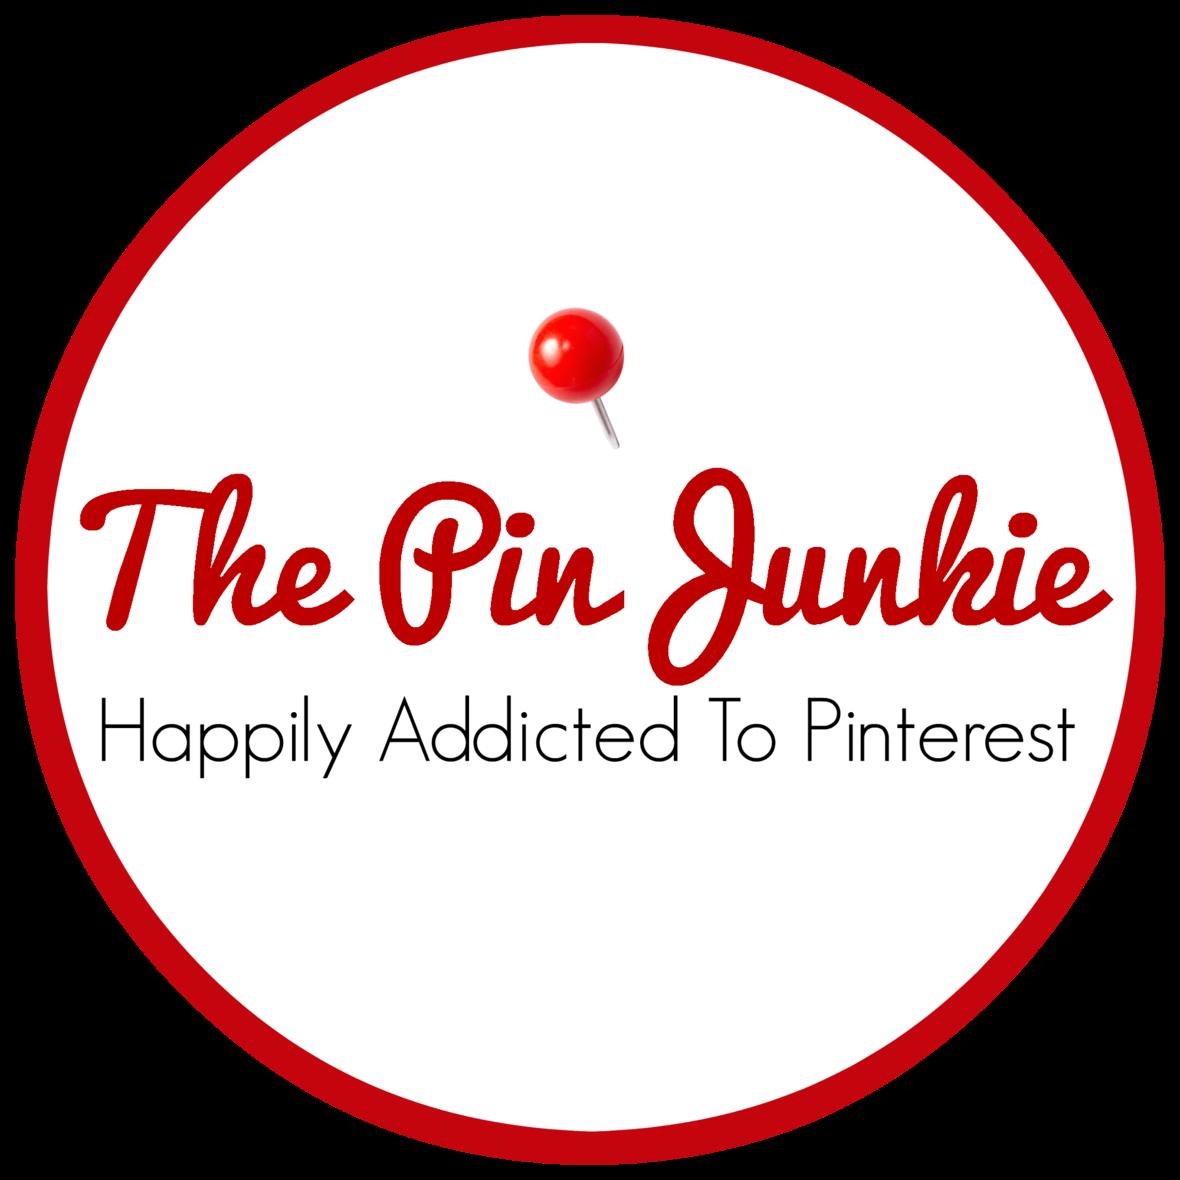 Pin Junkie Logo